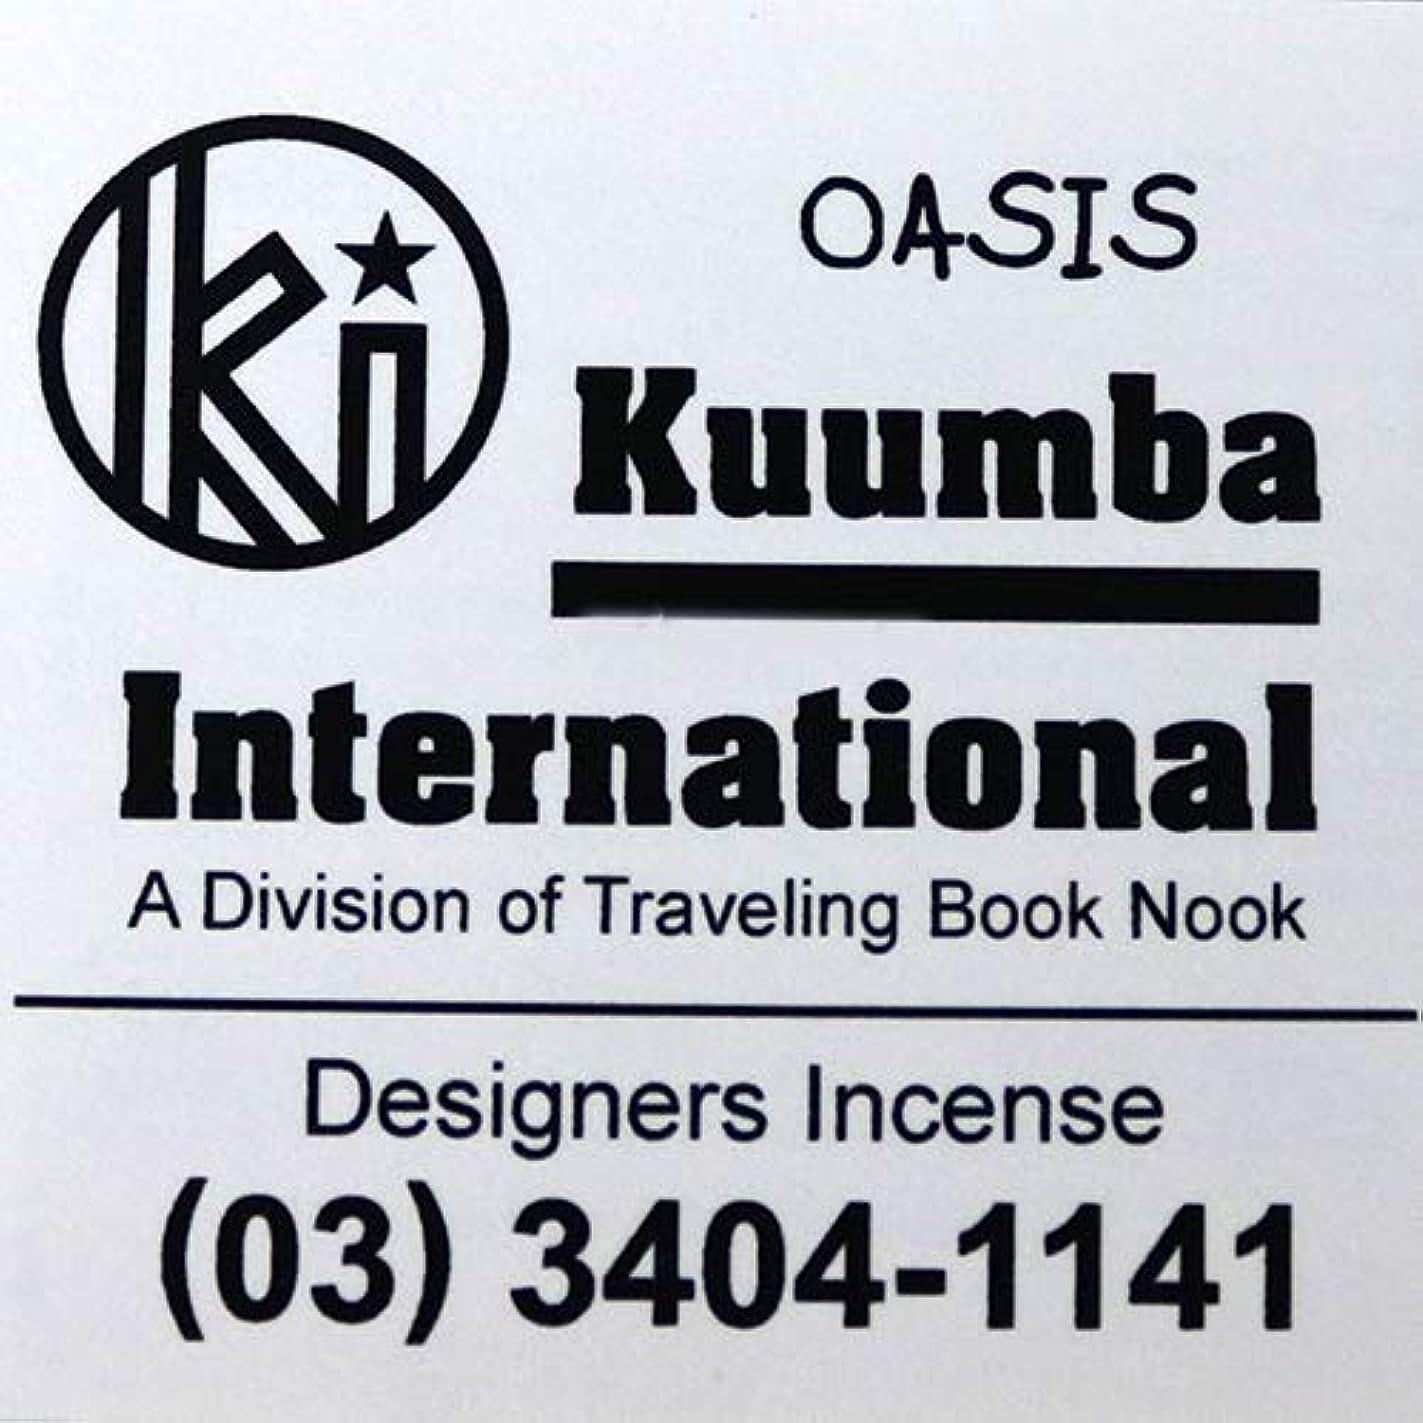 資料花束ファンブル(クンバ) KUUMBA『incense』(OASIS) (OASIS, Regular size)